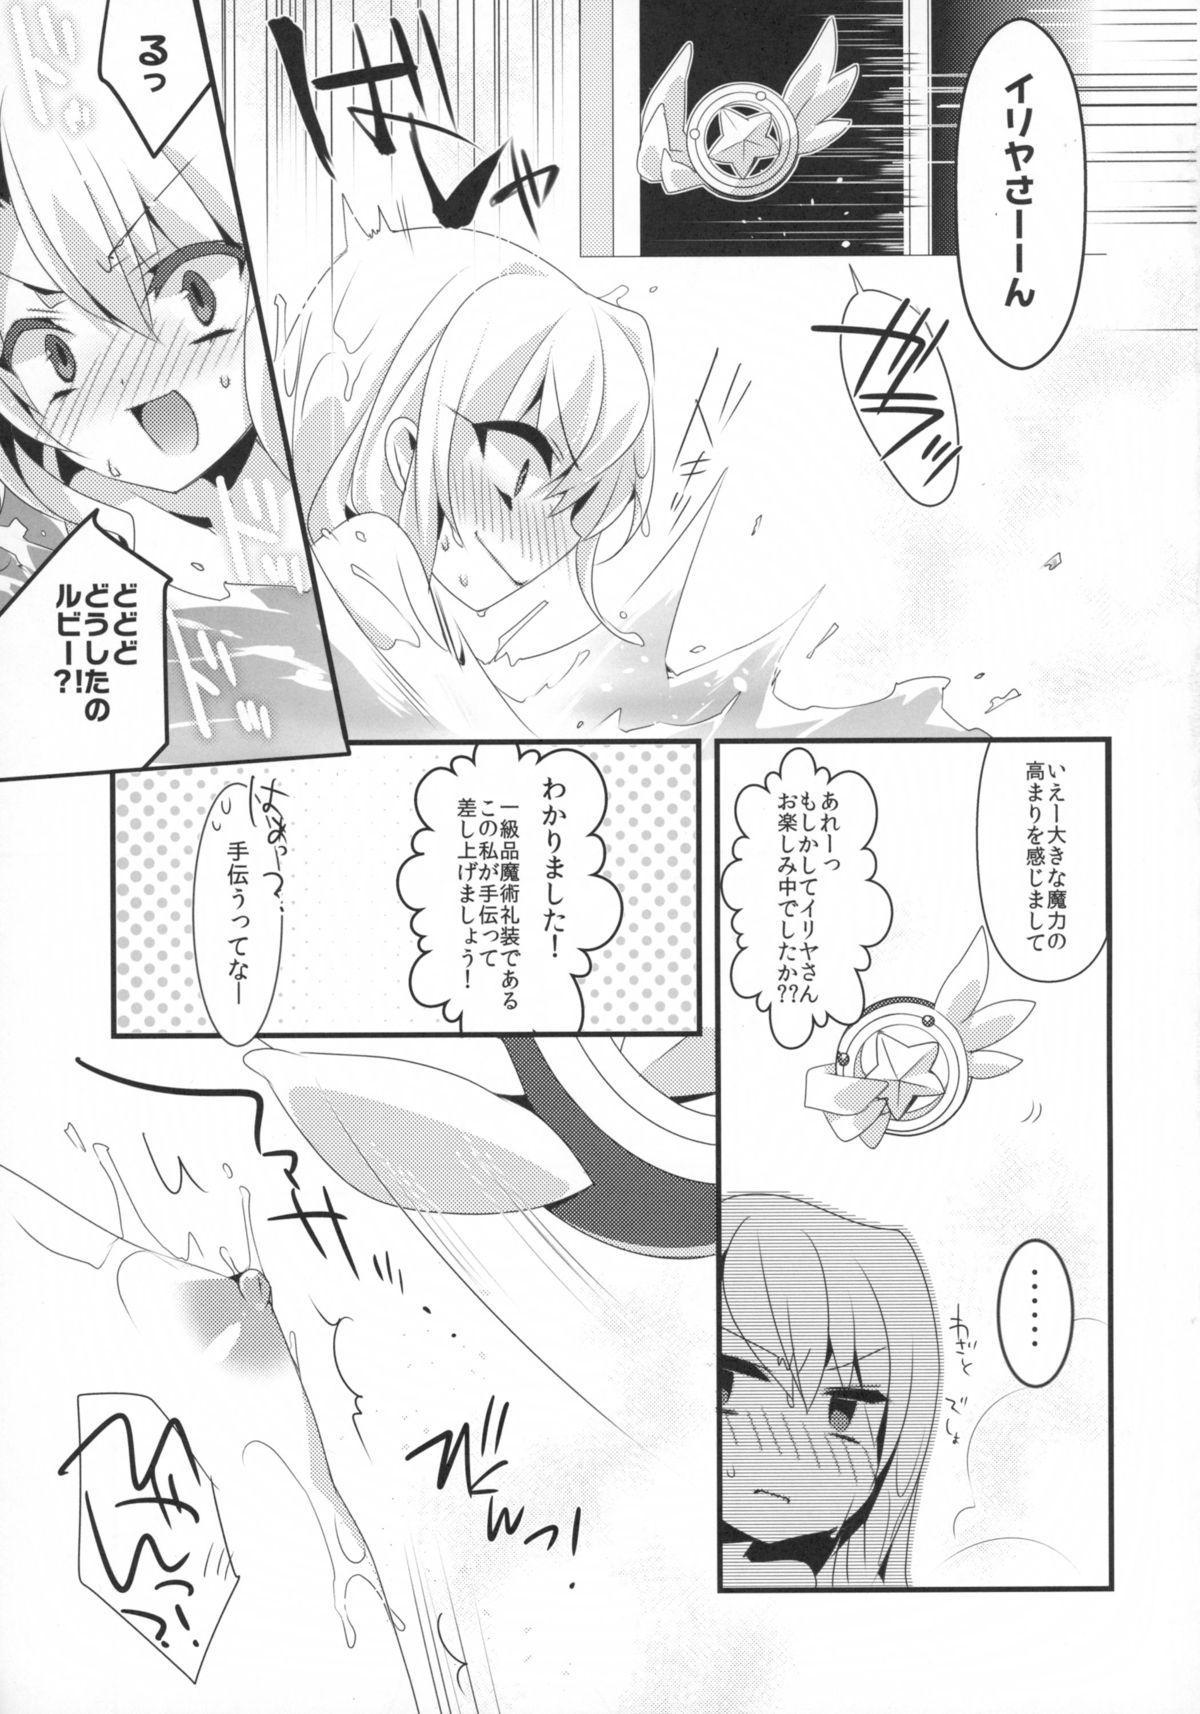 Mahou shoujo no nichijou 8